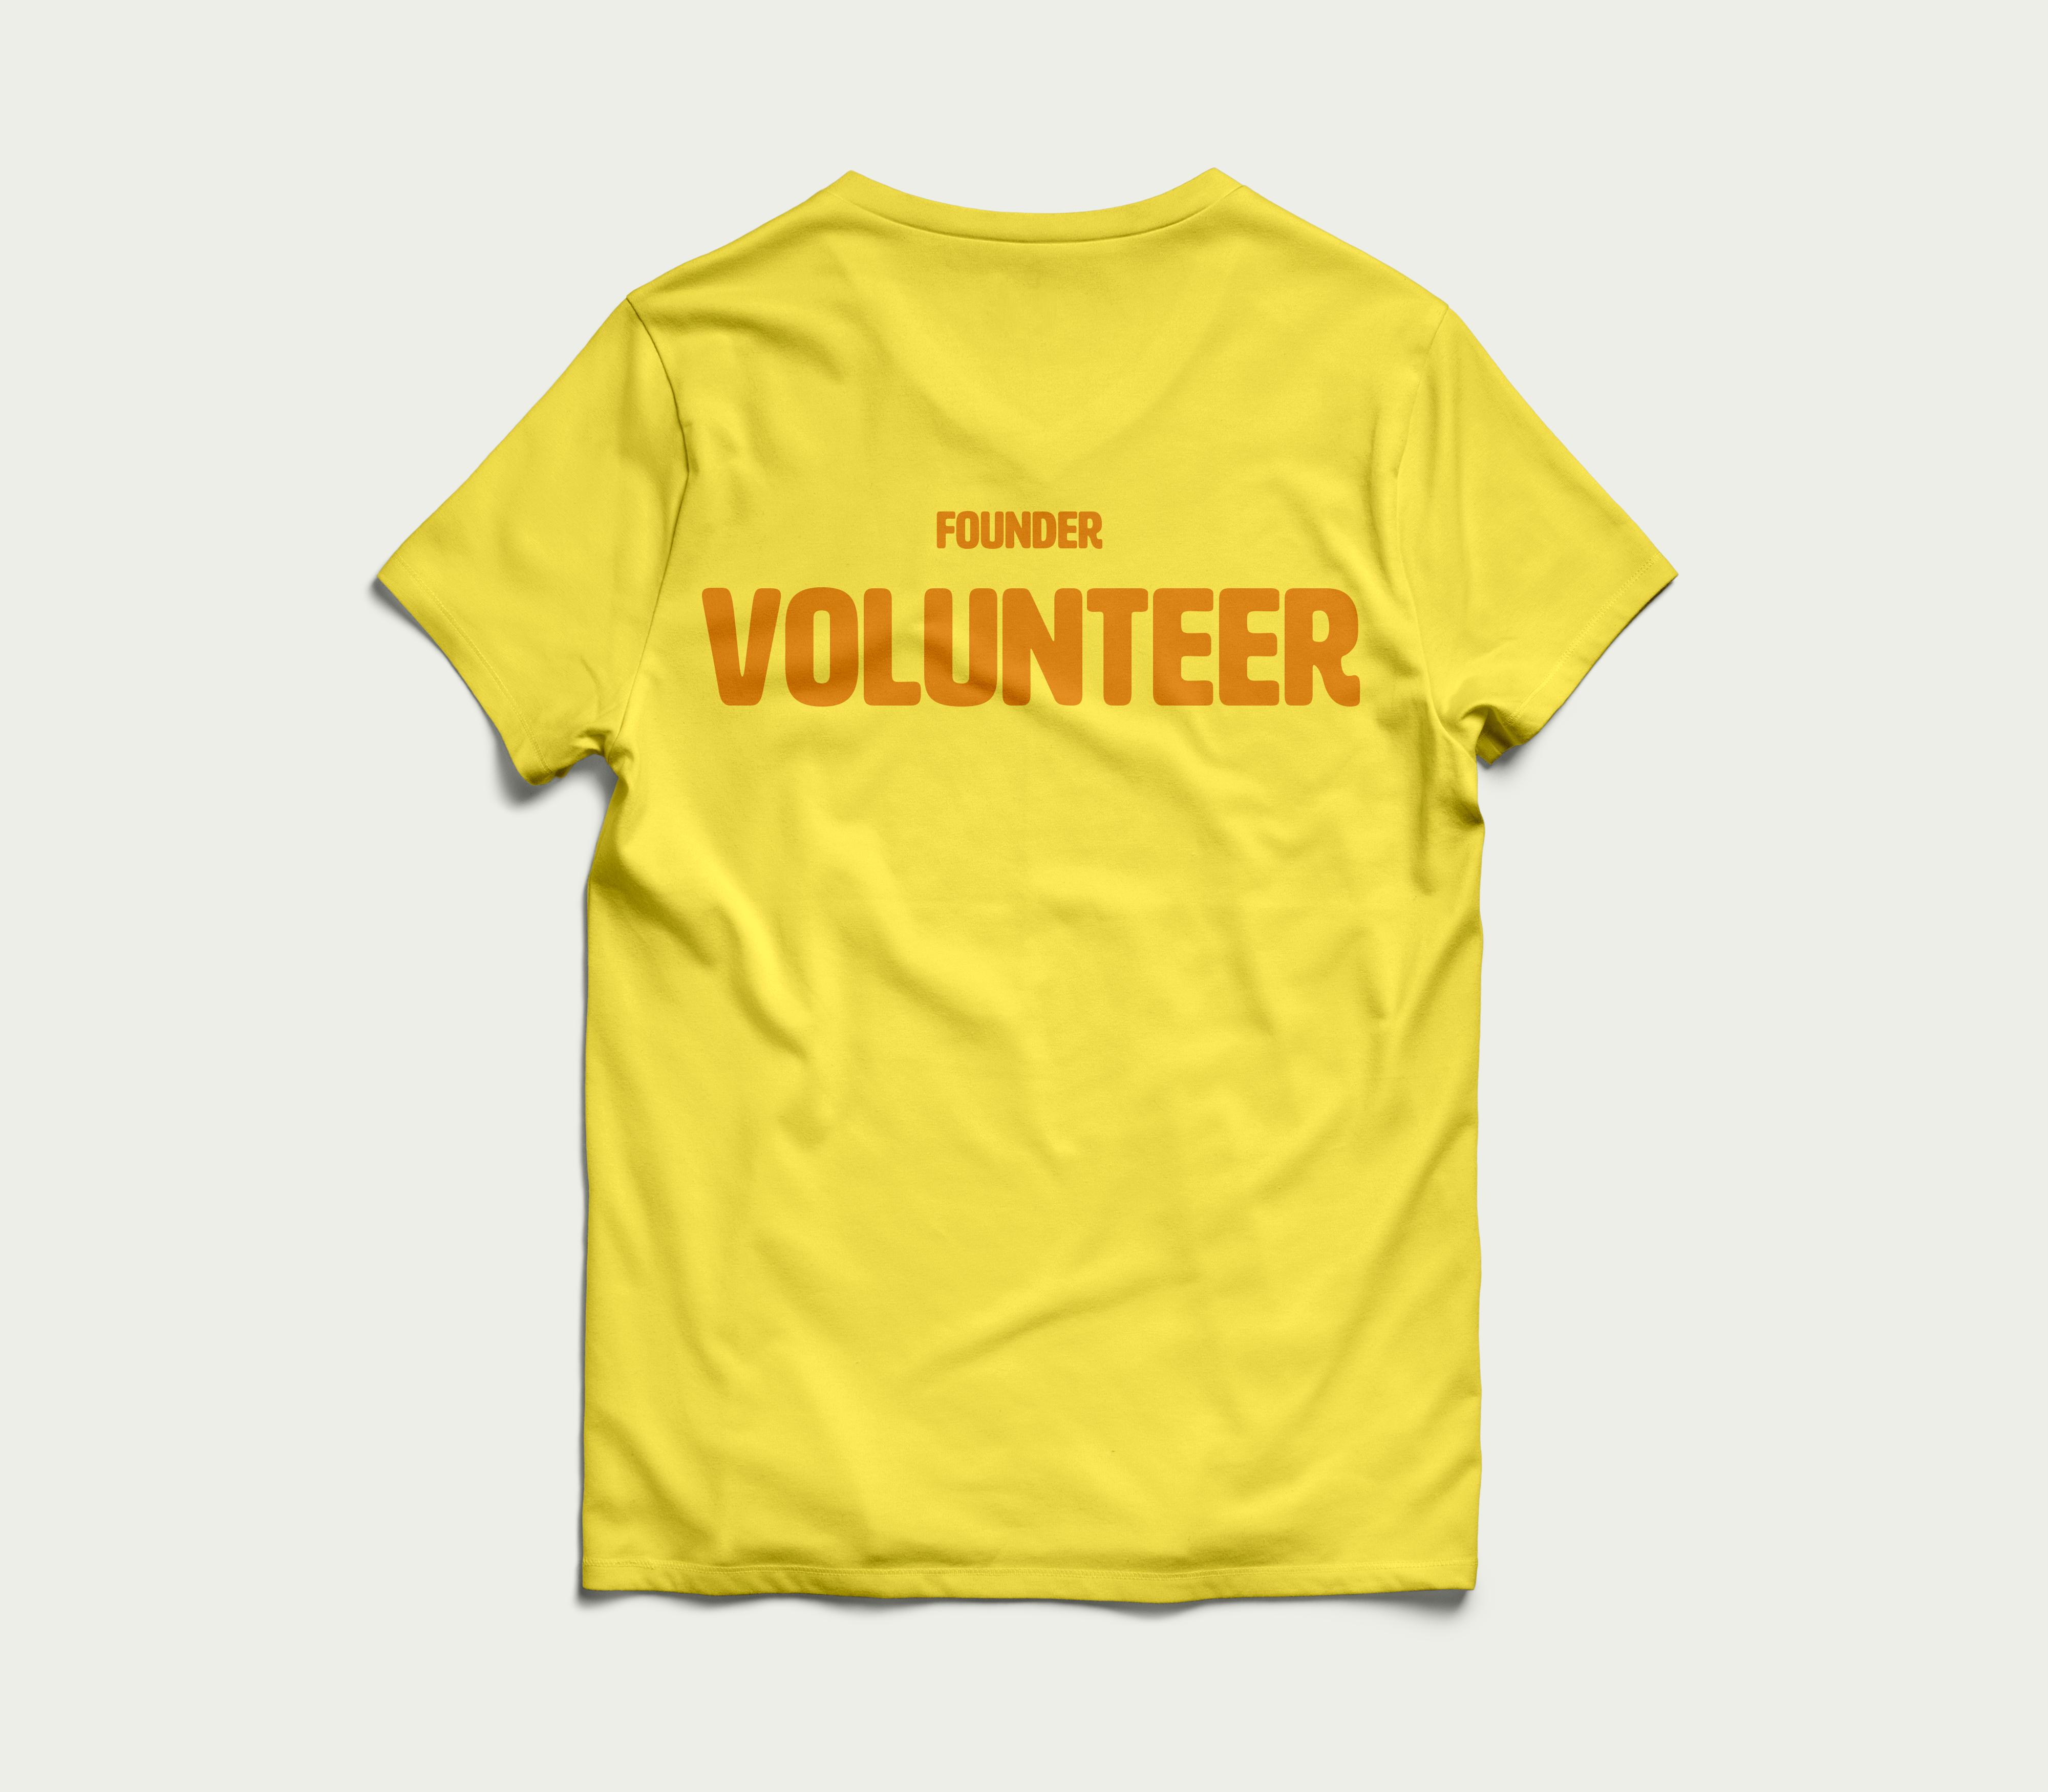 founder volunteer shirt back